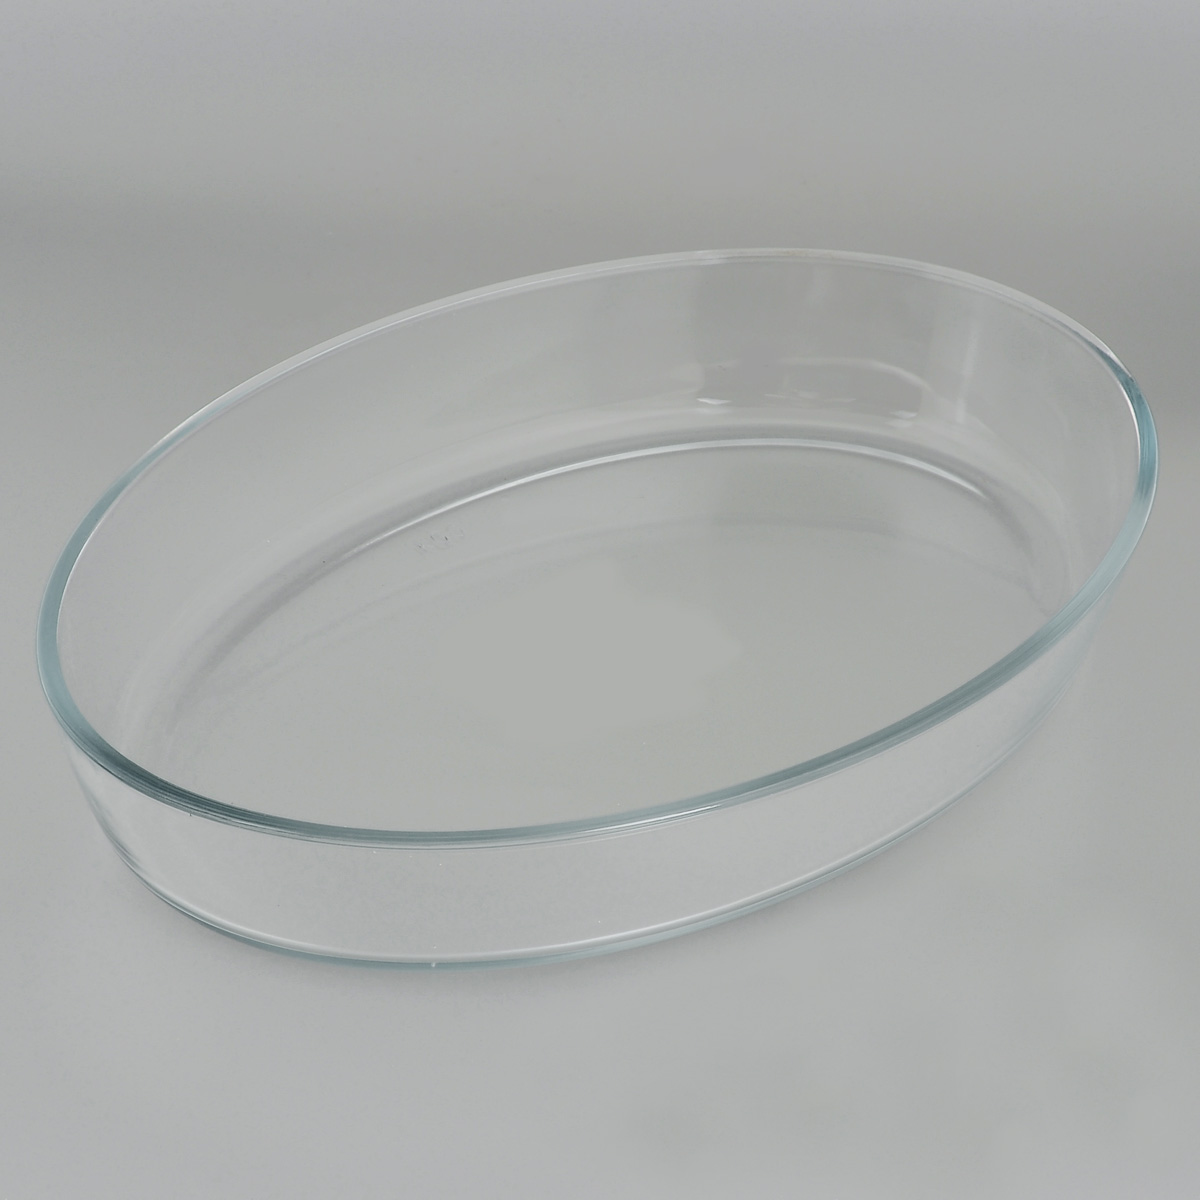 """Овальная форма для запекания """"Едим Дома"""" изготовлена из жаропрочного стекла,  которое выдерживает температуру до +450°С. Форма предназначена для  приготовления горячих блюд. Материал изделия гигиеничен, прост в уходе и  обладает высокой степенью прочности.  Форма идеально подходит для использования в духовках, микроволновых печах,  холодильниках и морозильных камерах. Также ее можно использовать на газовых  плитах (на слабом огне) и на электроплитах. Можно мыть в посудомоечной  машине. Размер формы (по верхнему краю): 35 см х 24 см. Высота стенки формы: 6 см."""